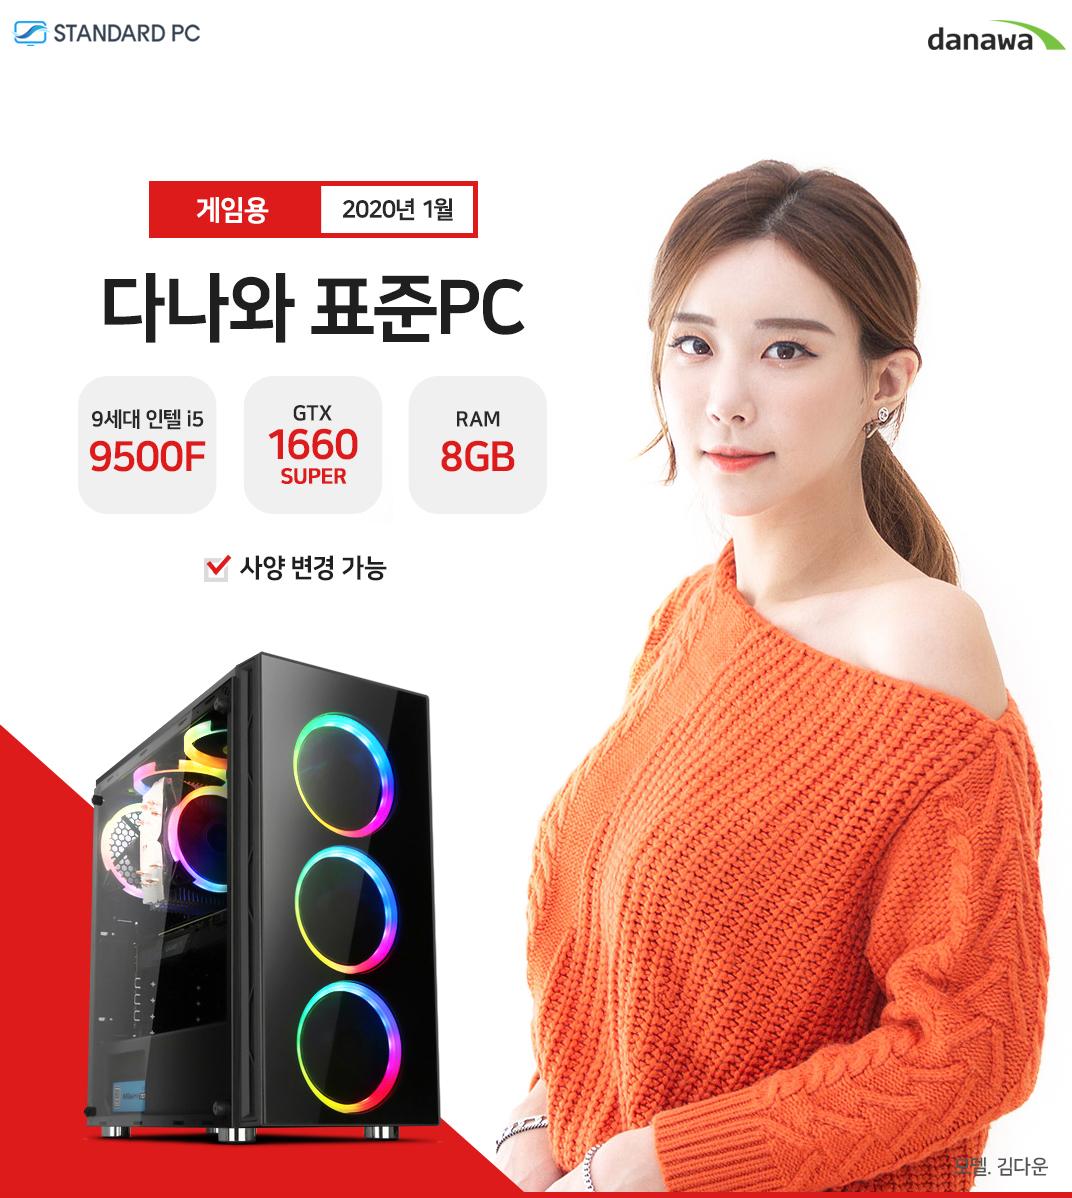 2020년 01월 다나와 표준PC 게임용 인텔 i5-9세대 9500F GTX1660 RAM 8G 모델 김다운